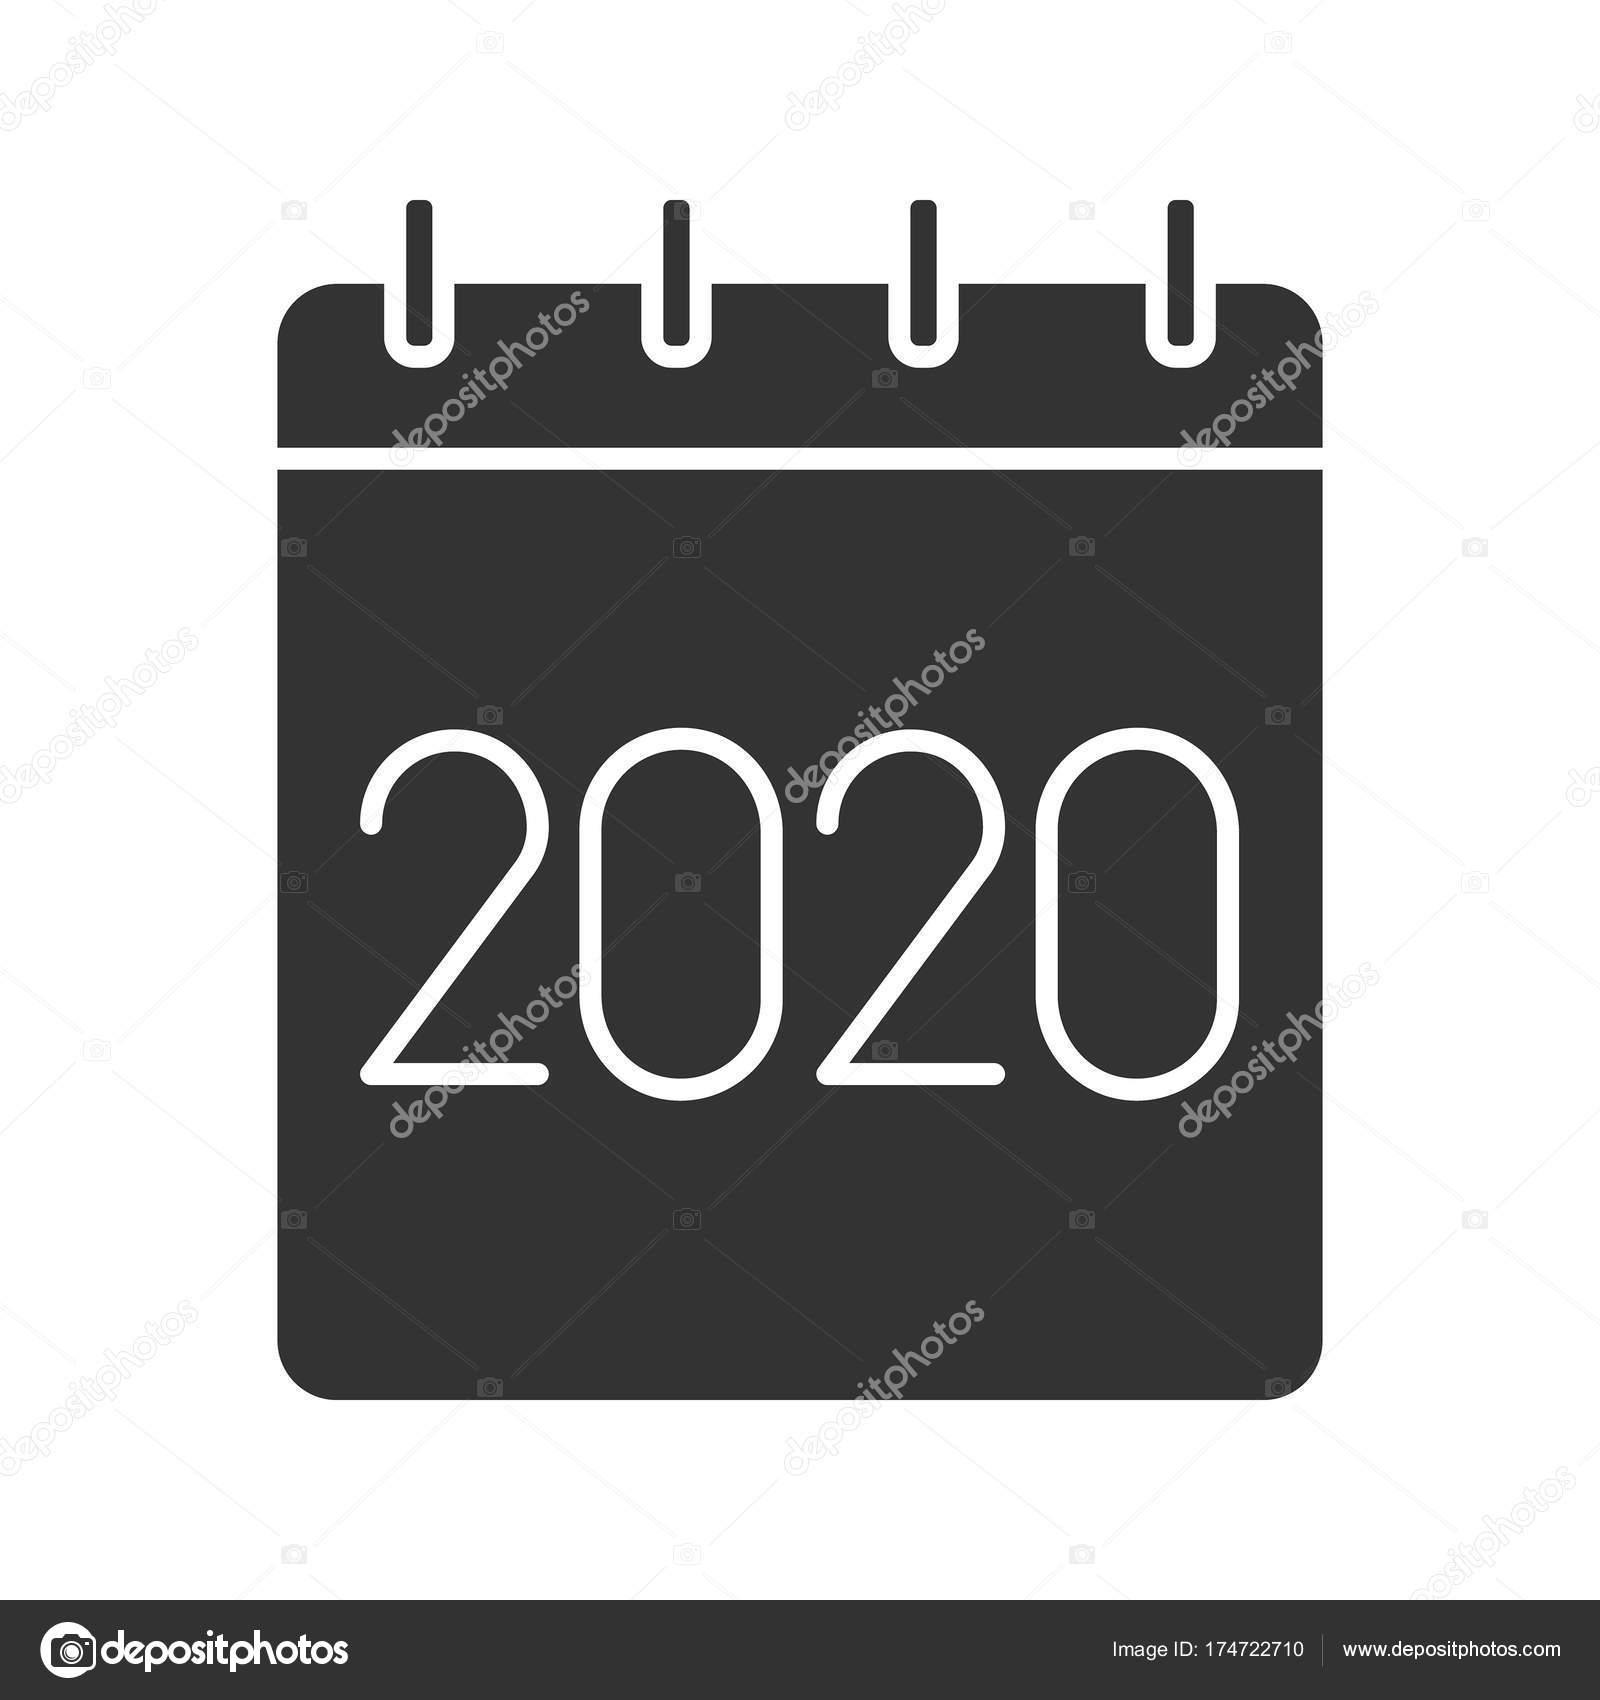 Bsd Calendar 2020 2020 annual calendar icon — Stock Vector © bsd #174722710